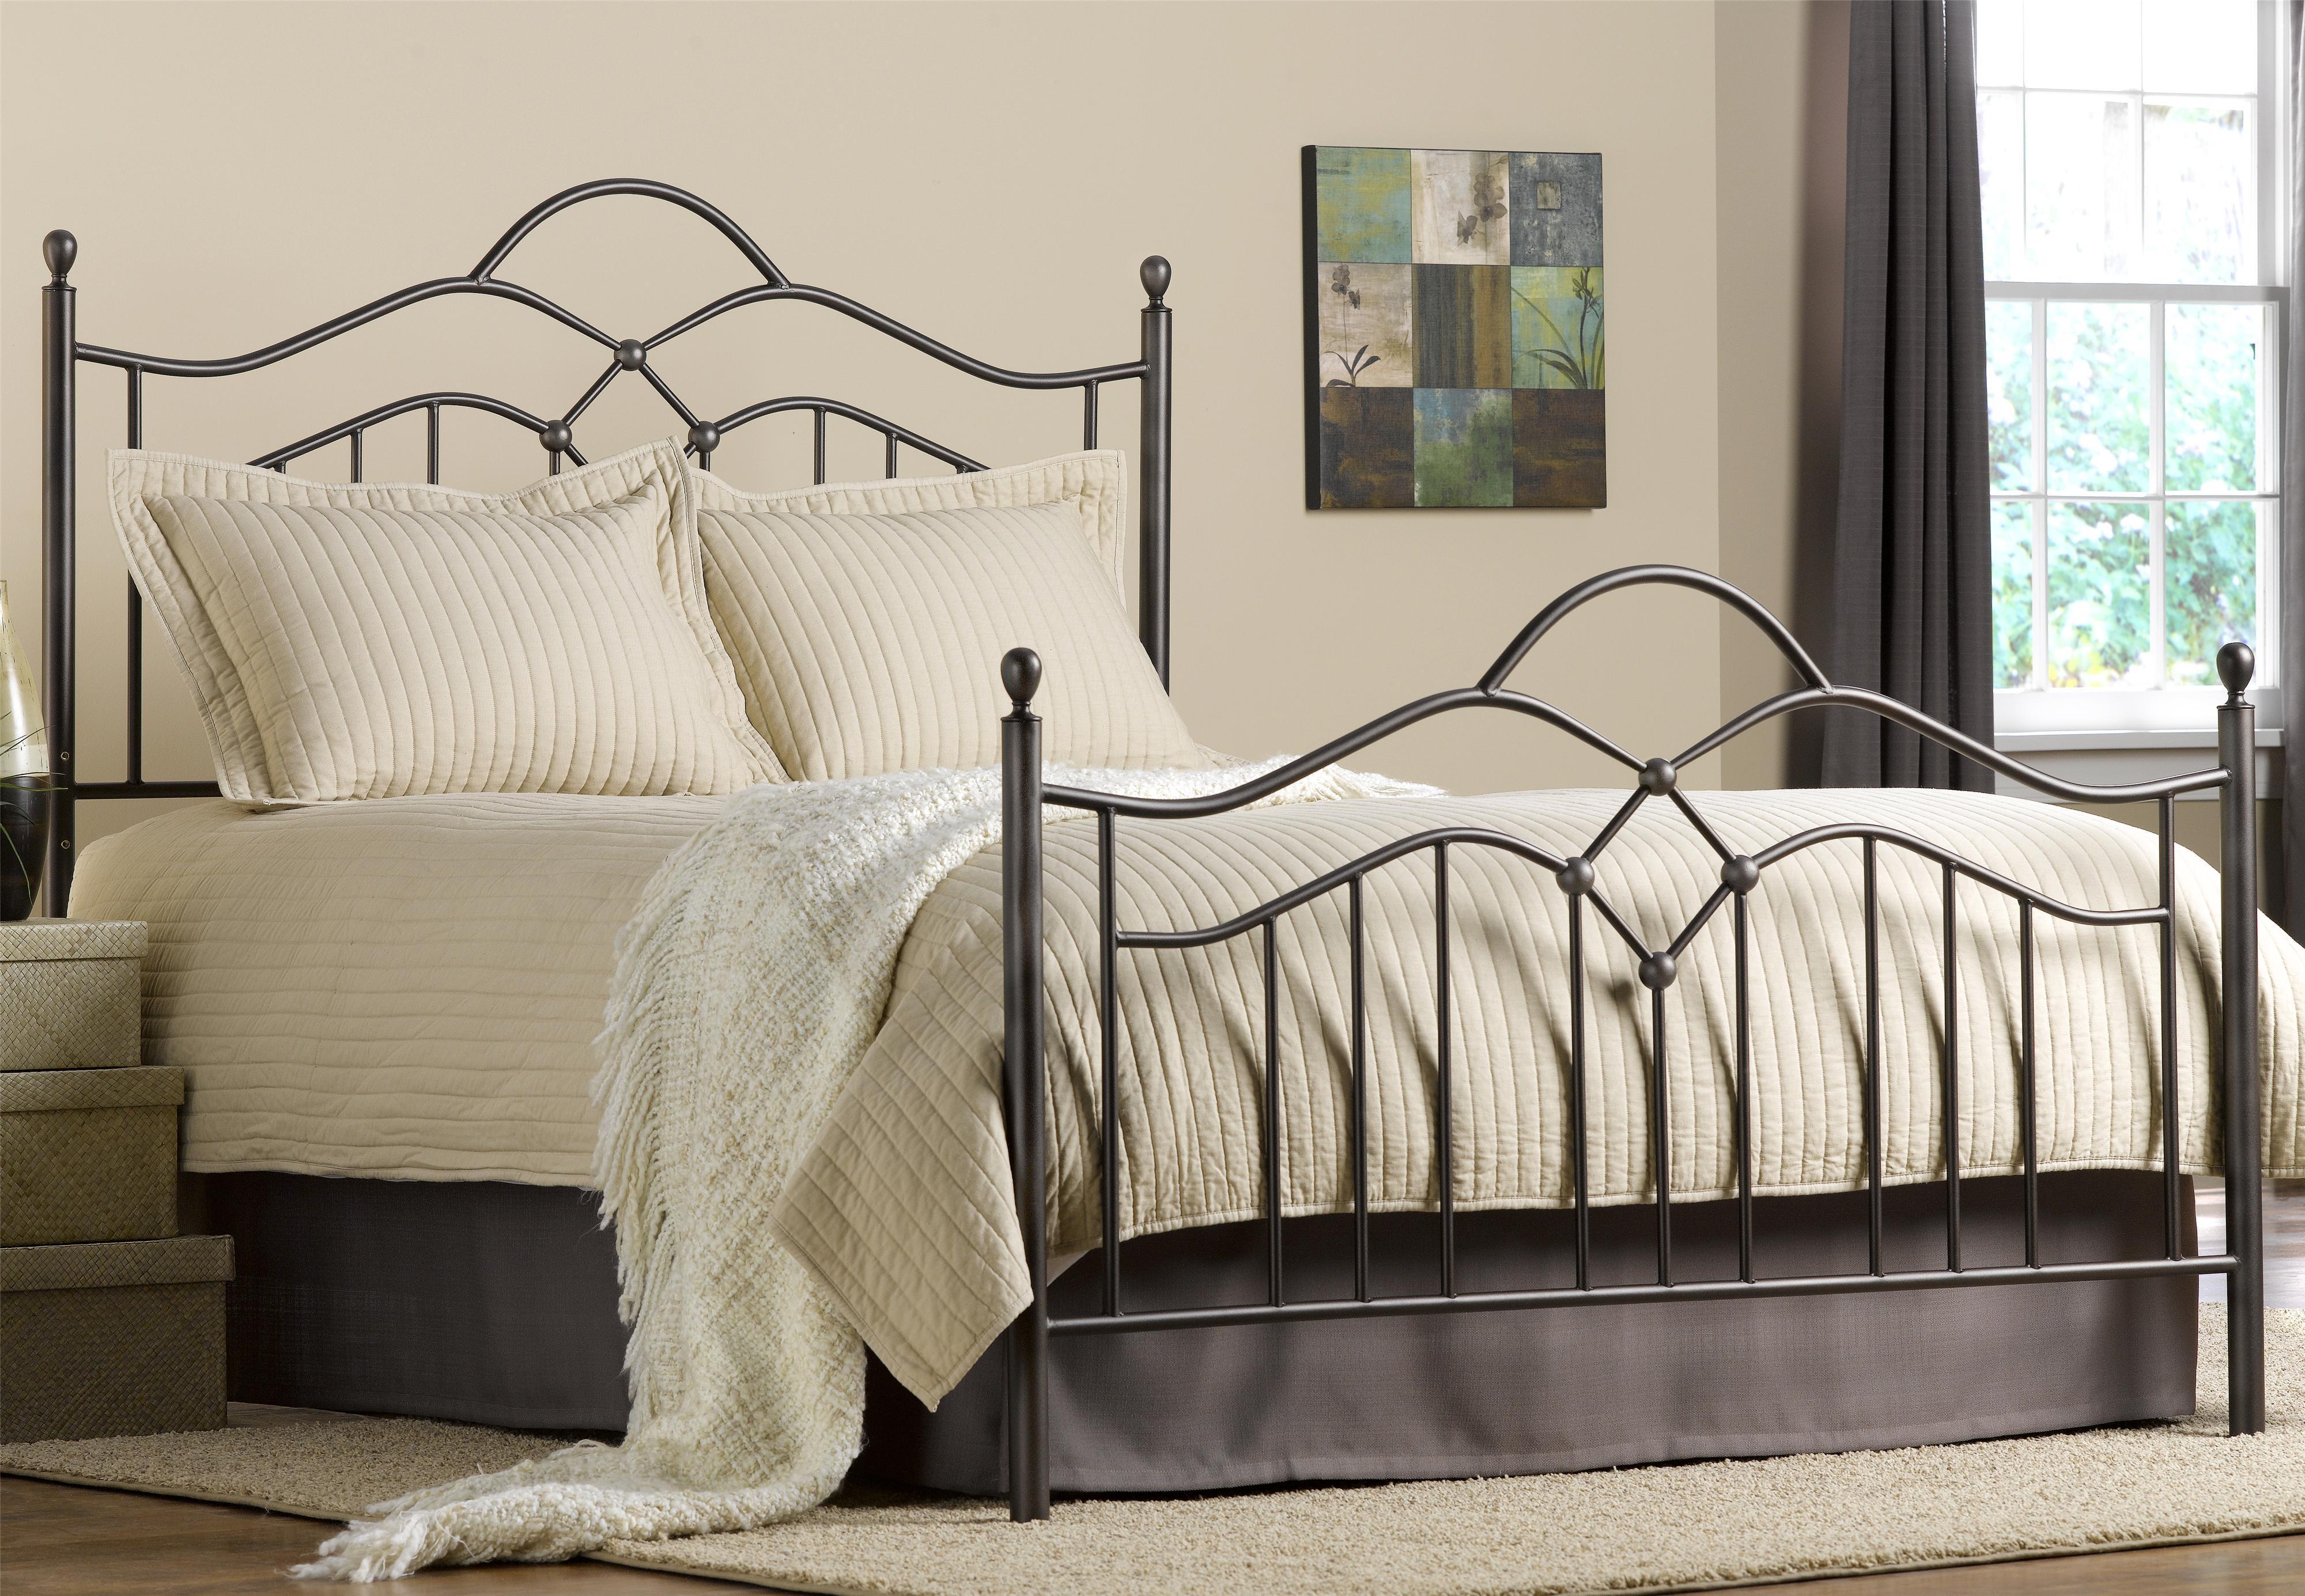 Hillsdale Metal Beds King Oklahoma Bed - Item Number: 1300BKR